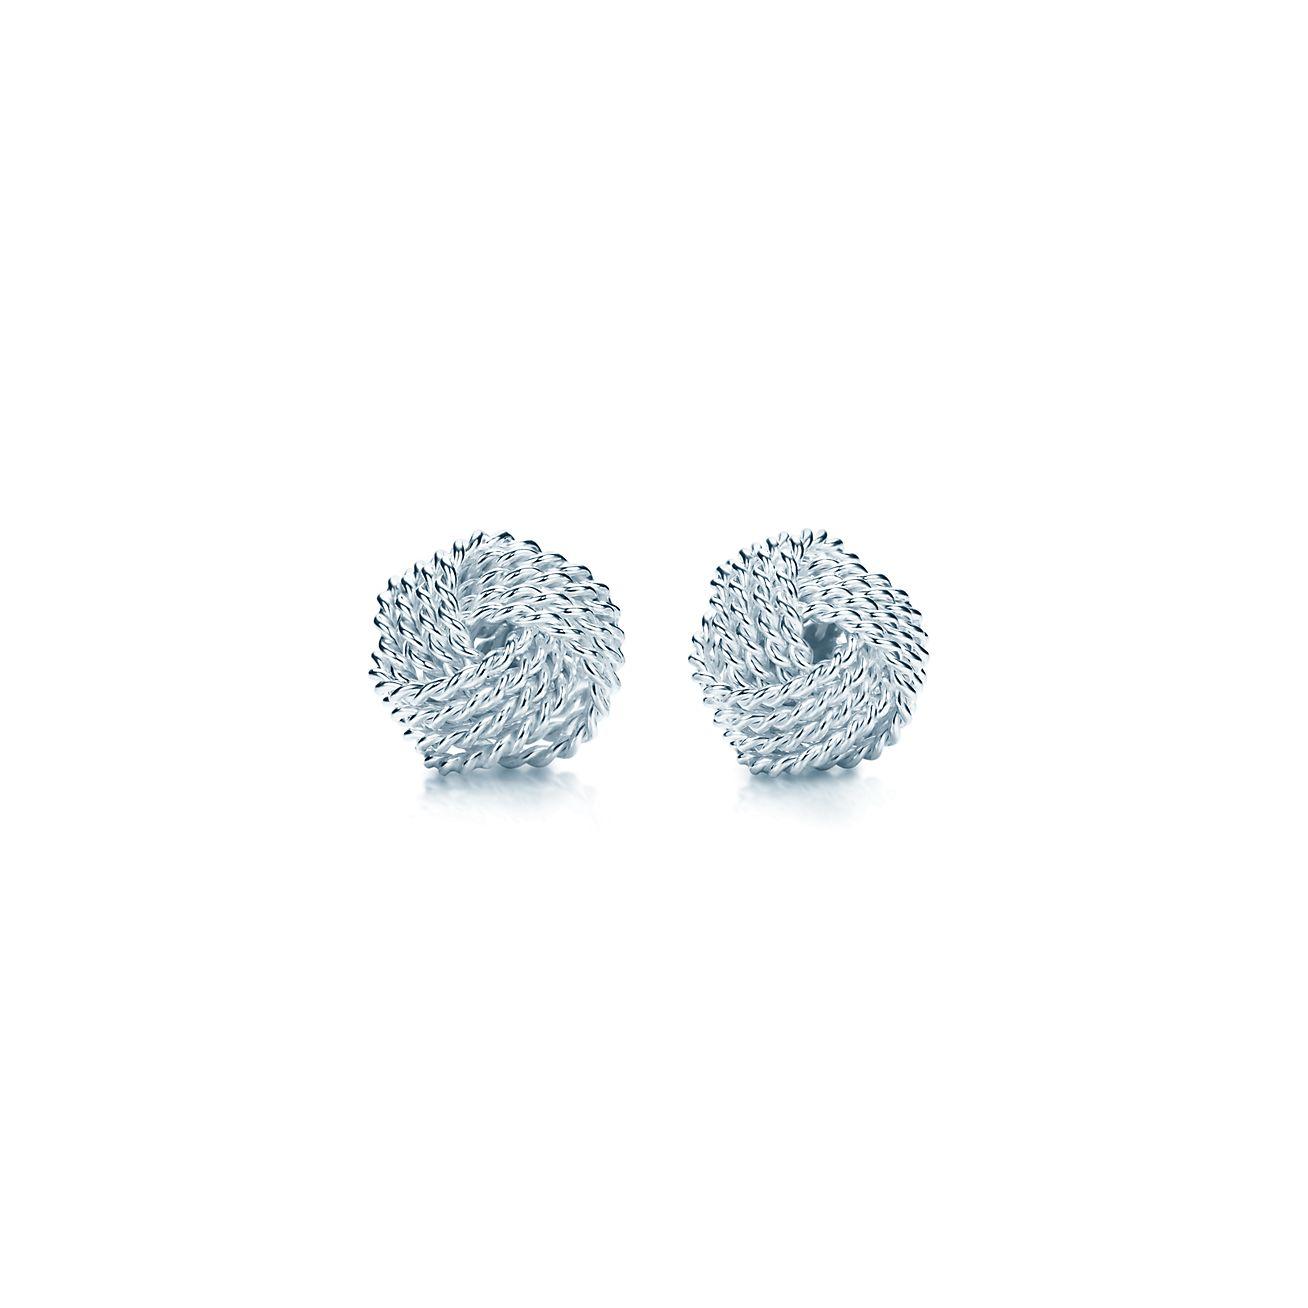 Tiffany Twist knot earrings in sterling silver.